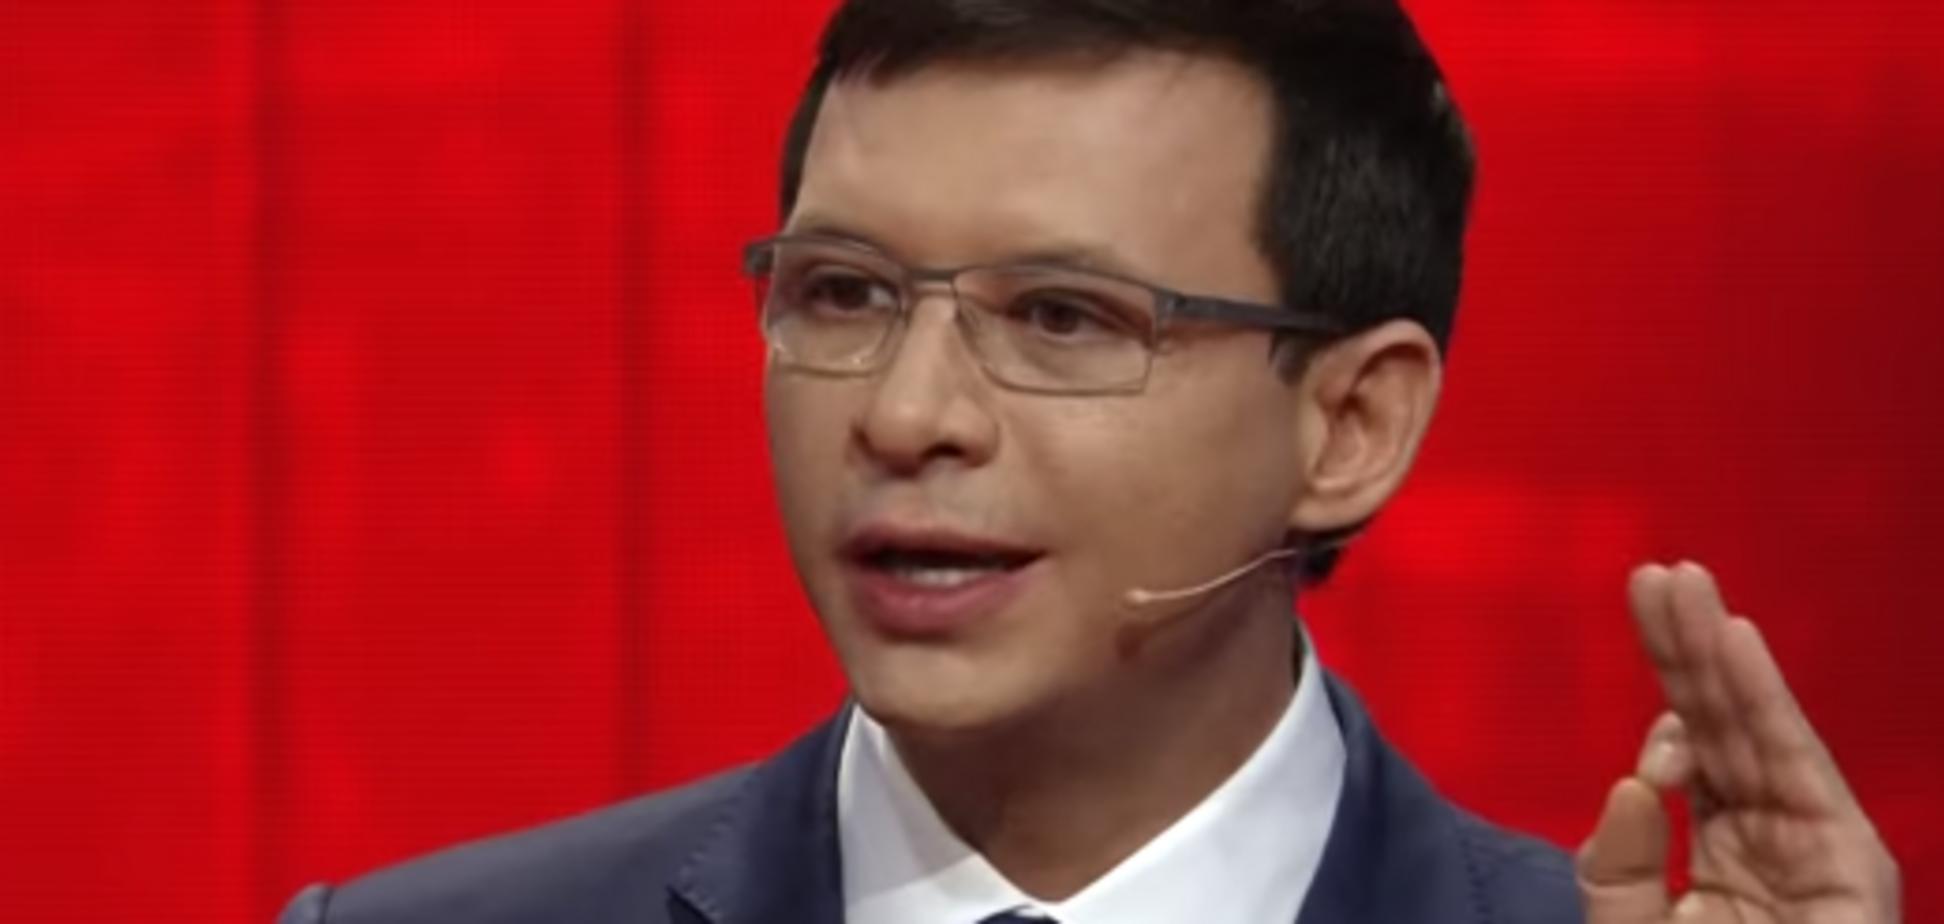 'Це психологічна війна': нардеп Мураєв порівняв Україну з фашистами